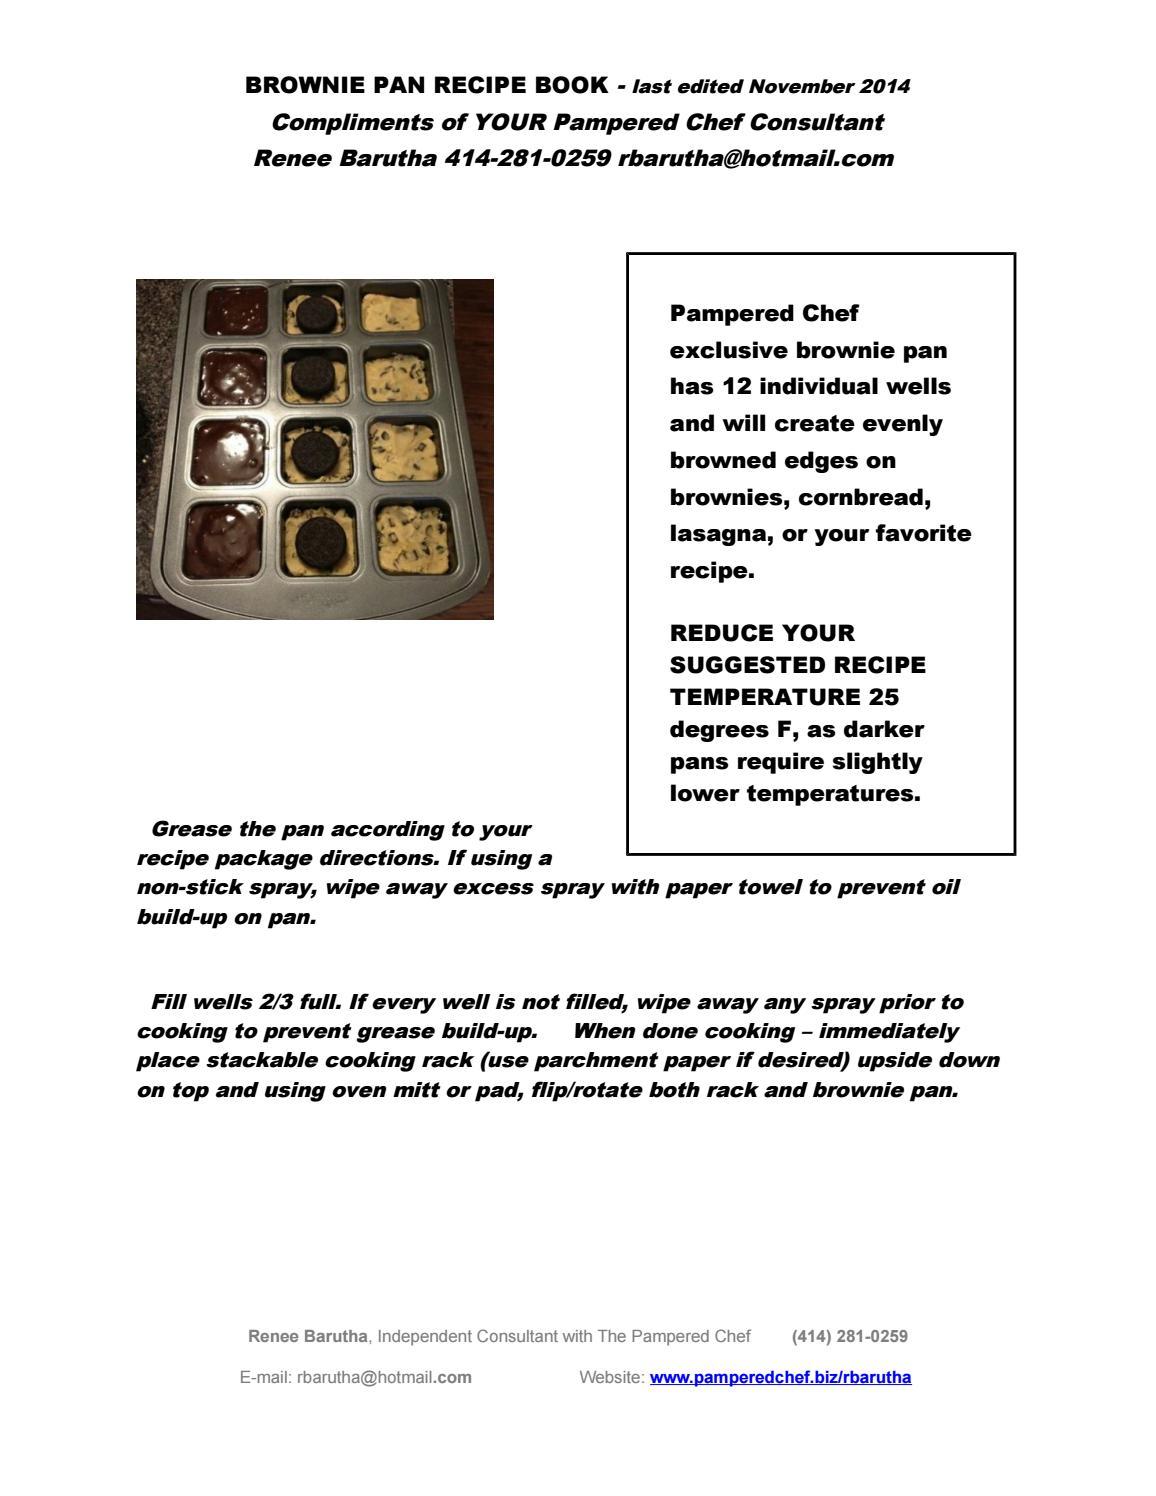 Brownie Pan Recipes By Renee Issuu